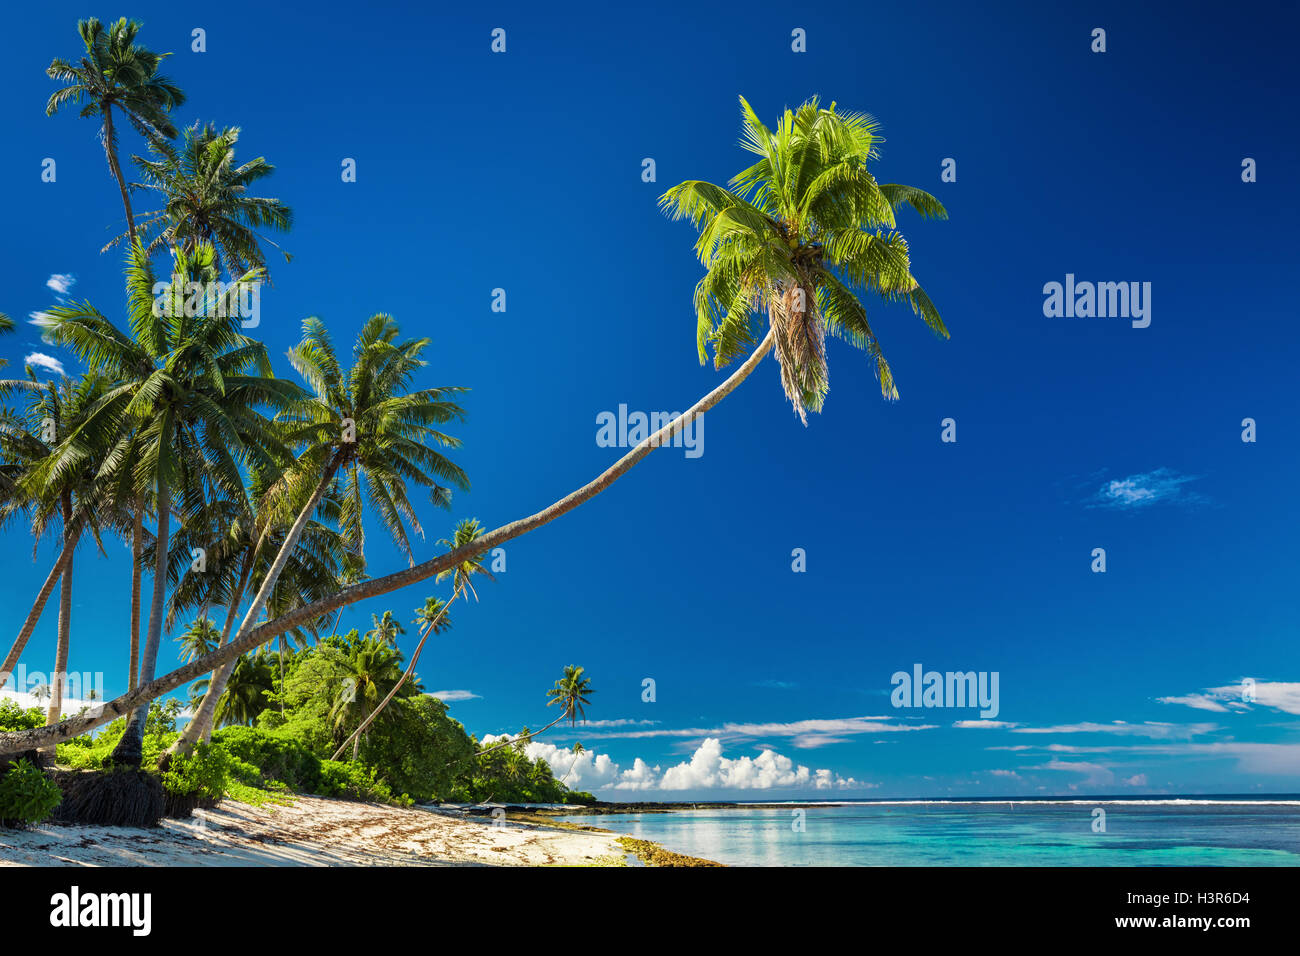 Tropical Beach sur le côté sud de l'île Samoa américaines avec des cocotiers Photo Stock